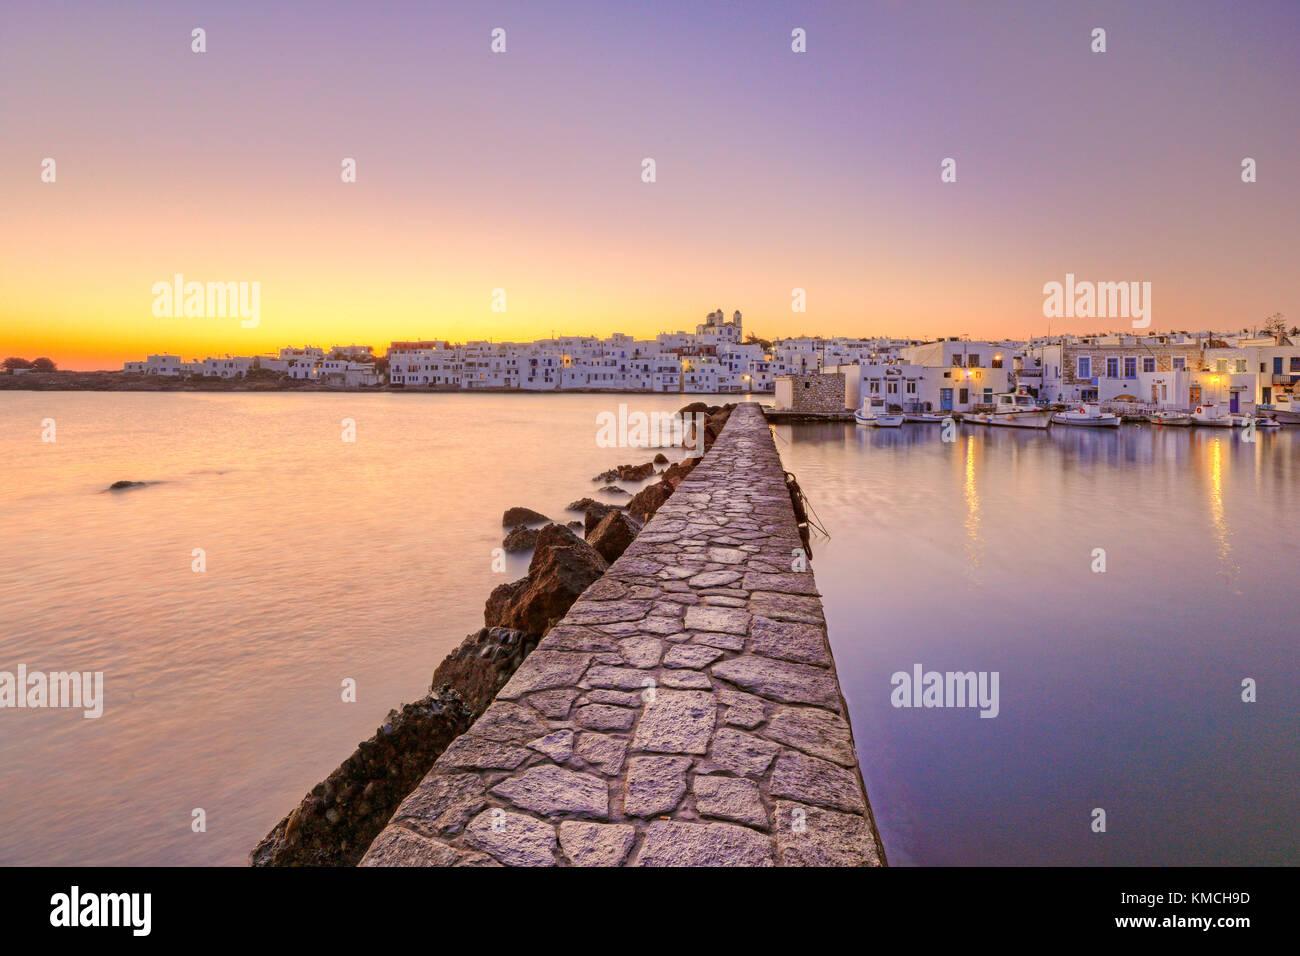 El amanecer en el puerto de Naousa, en la isla Paros, Grecia Imagen De Stock